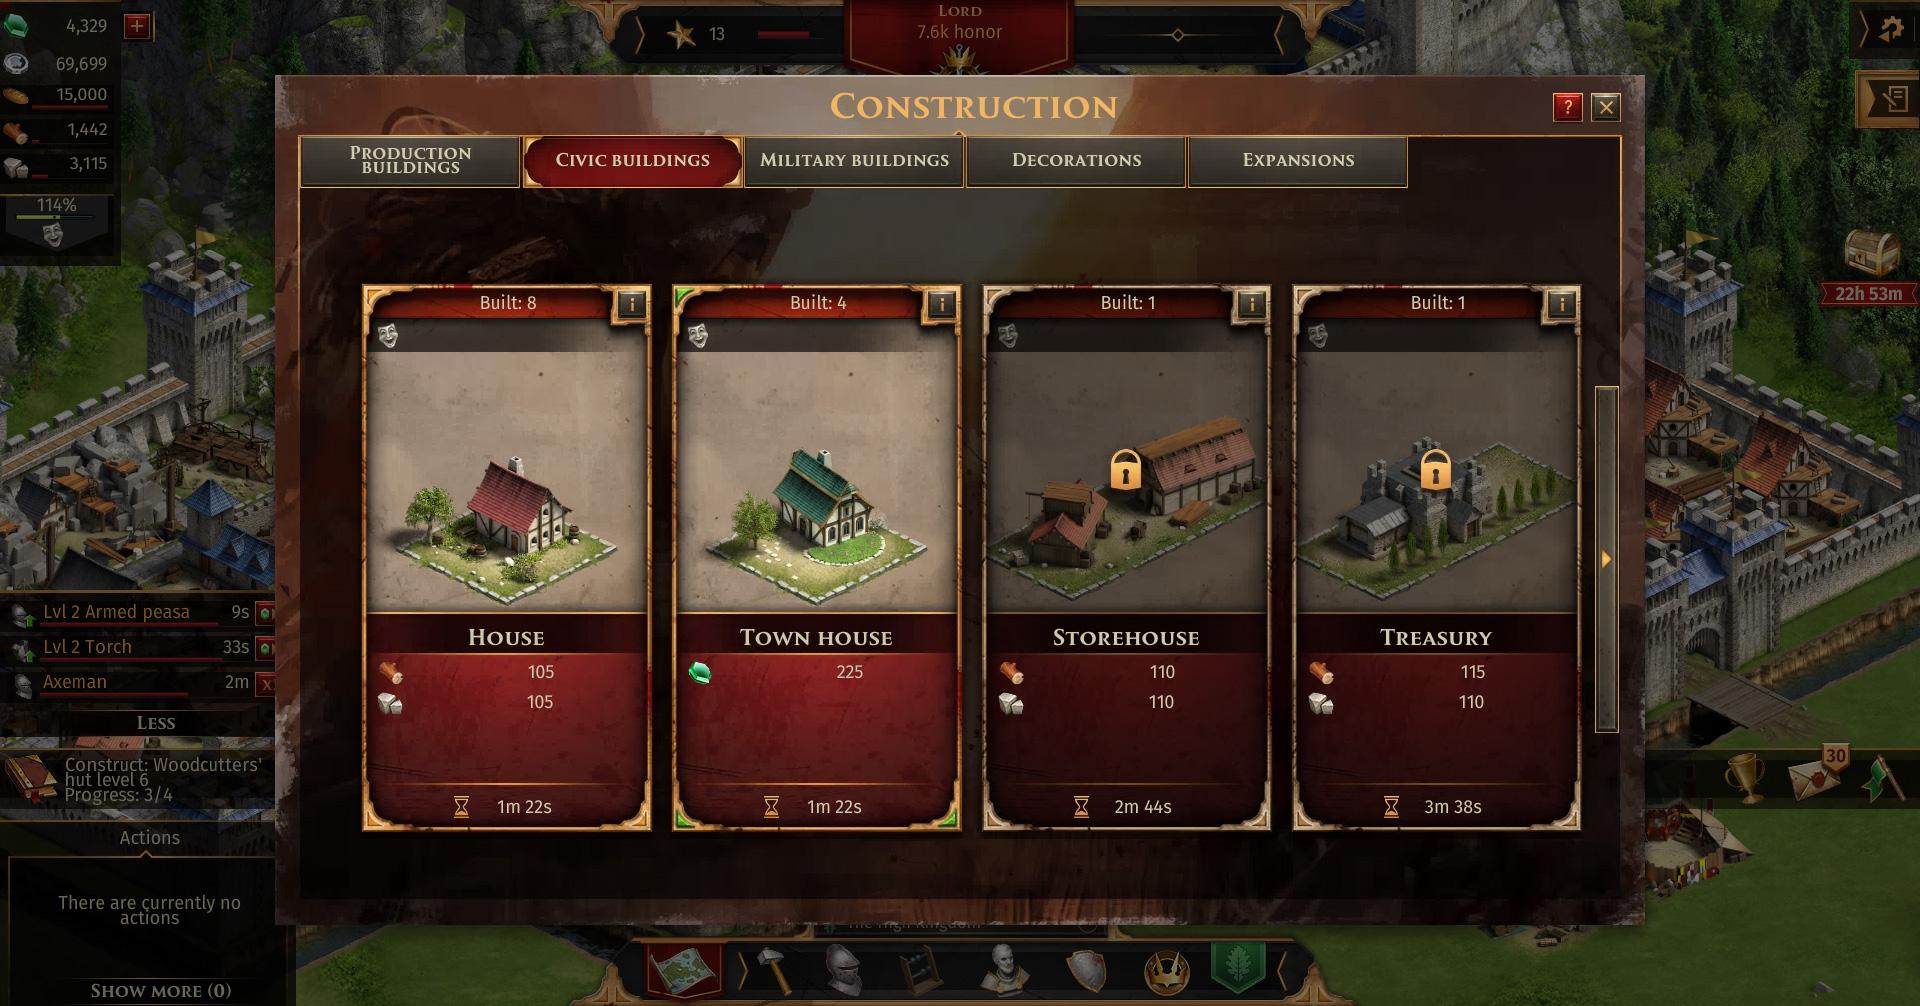 LegendsOfHonor_Dialogue_Buildings